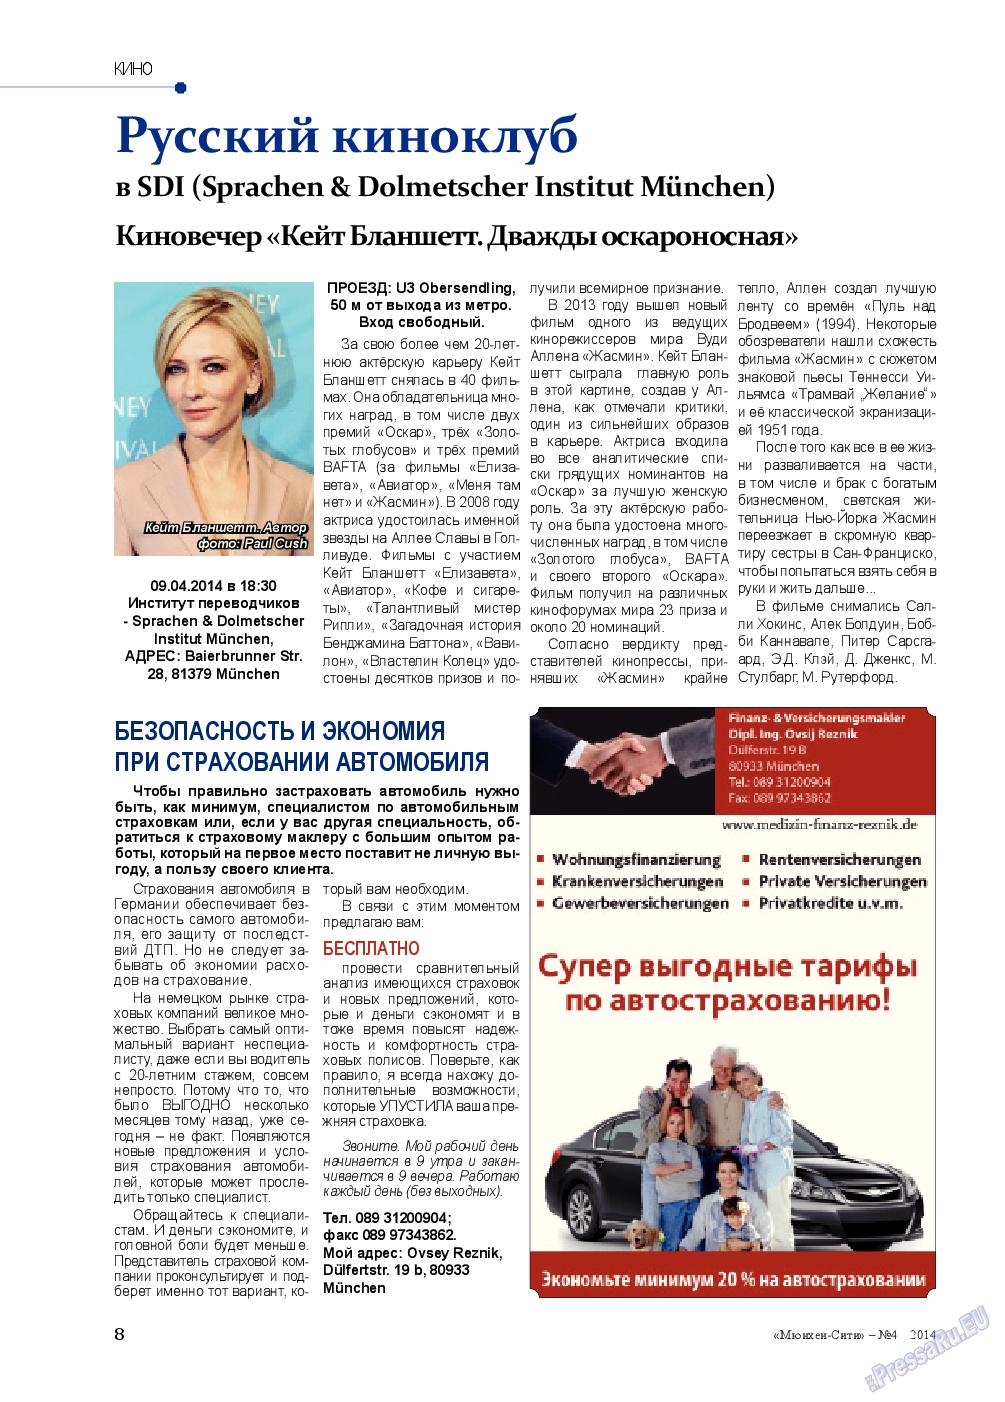 Мюнхен-сити (журнал). 2014 год, номер 4, стр. 8